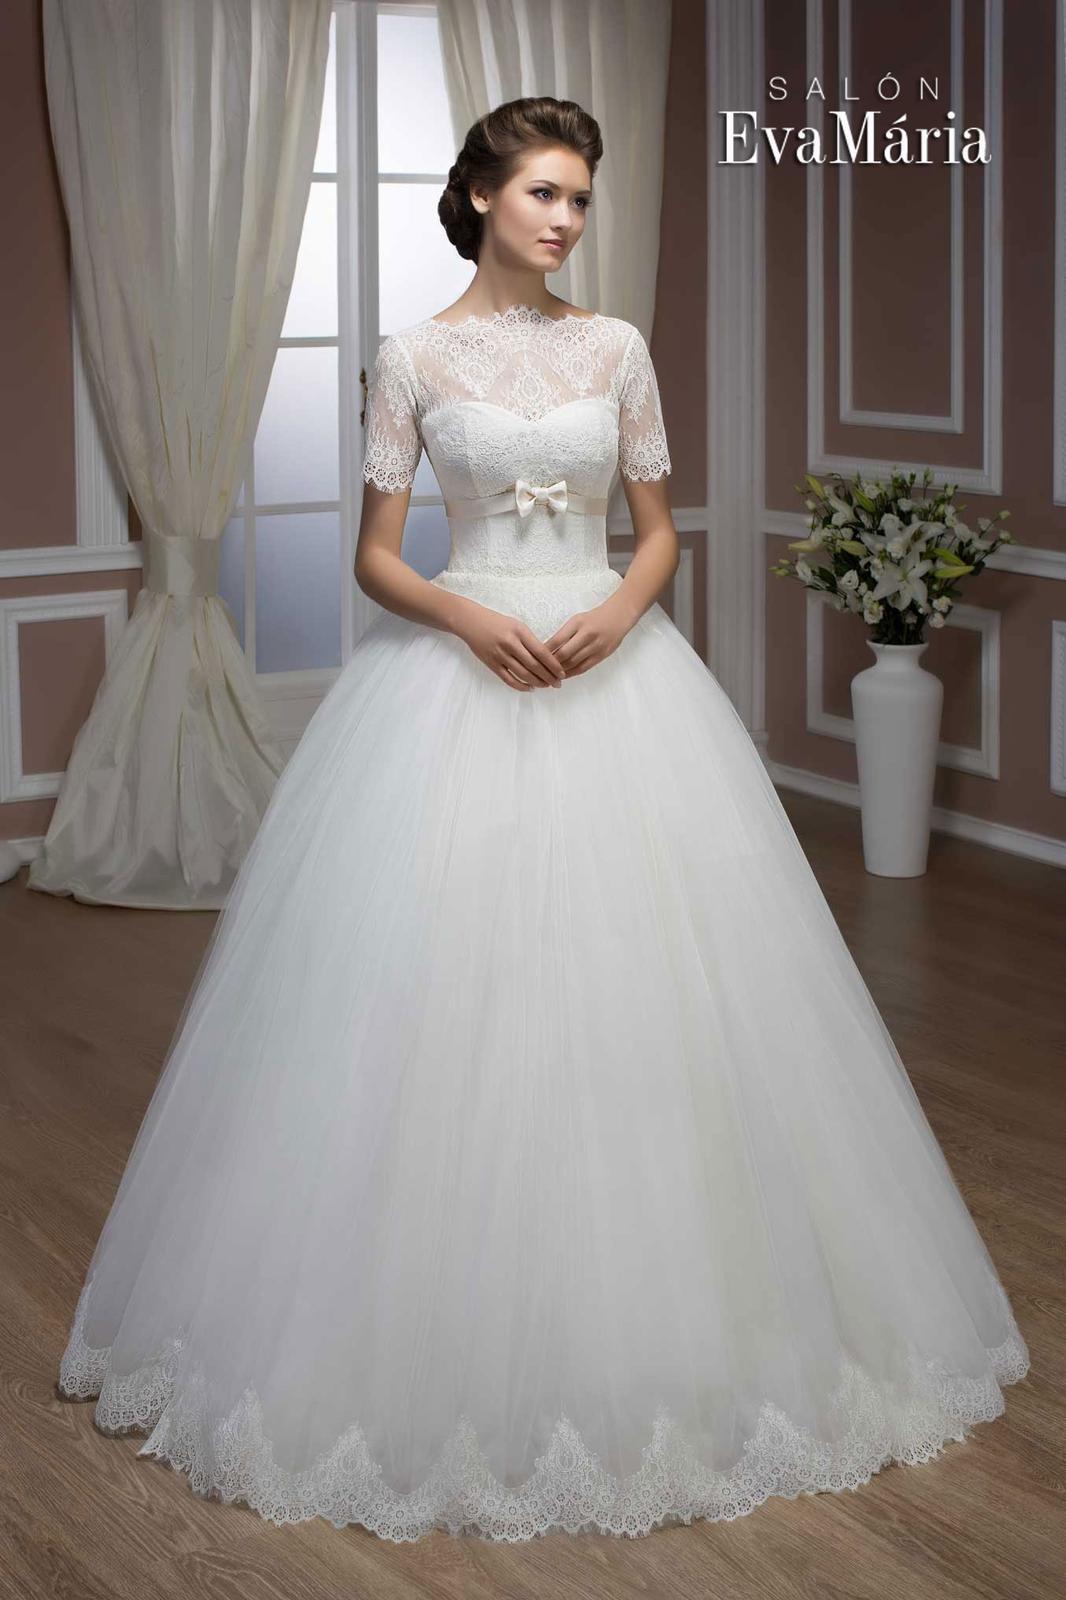 b2762d550028 Kto ušije tieto svadobné šaty na mieru  - - Svado...